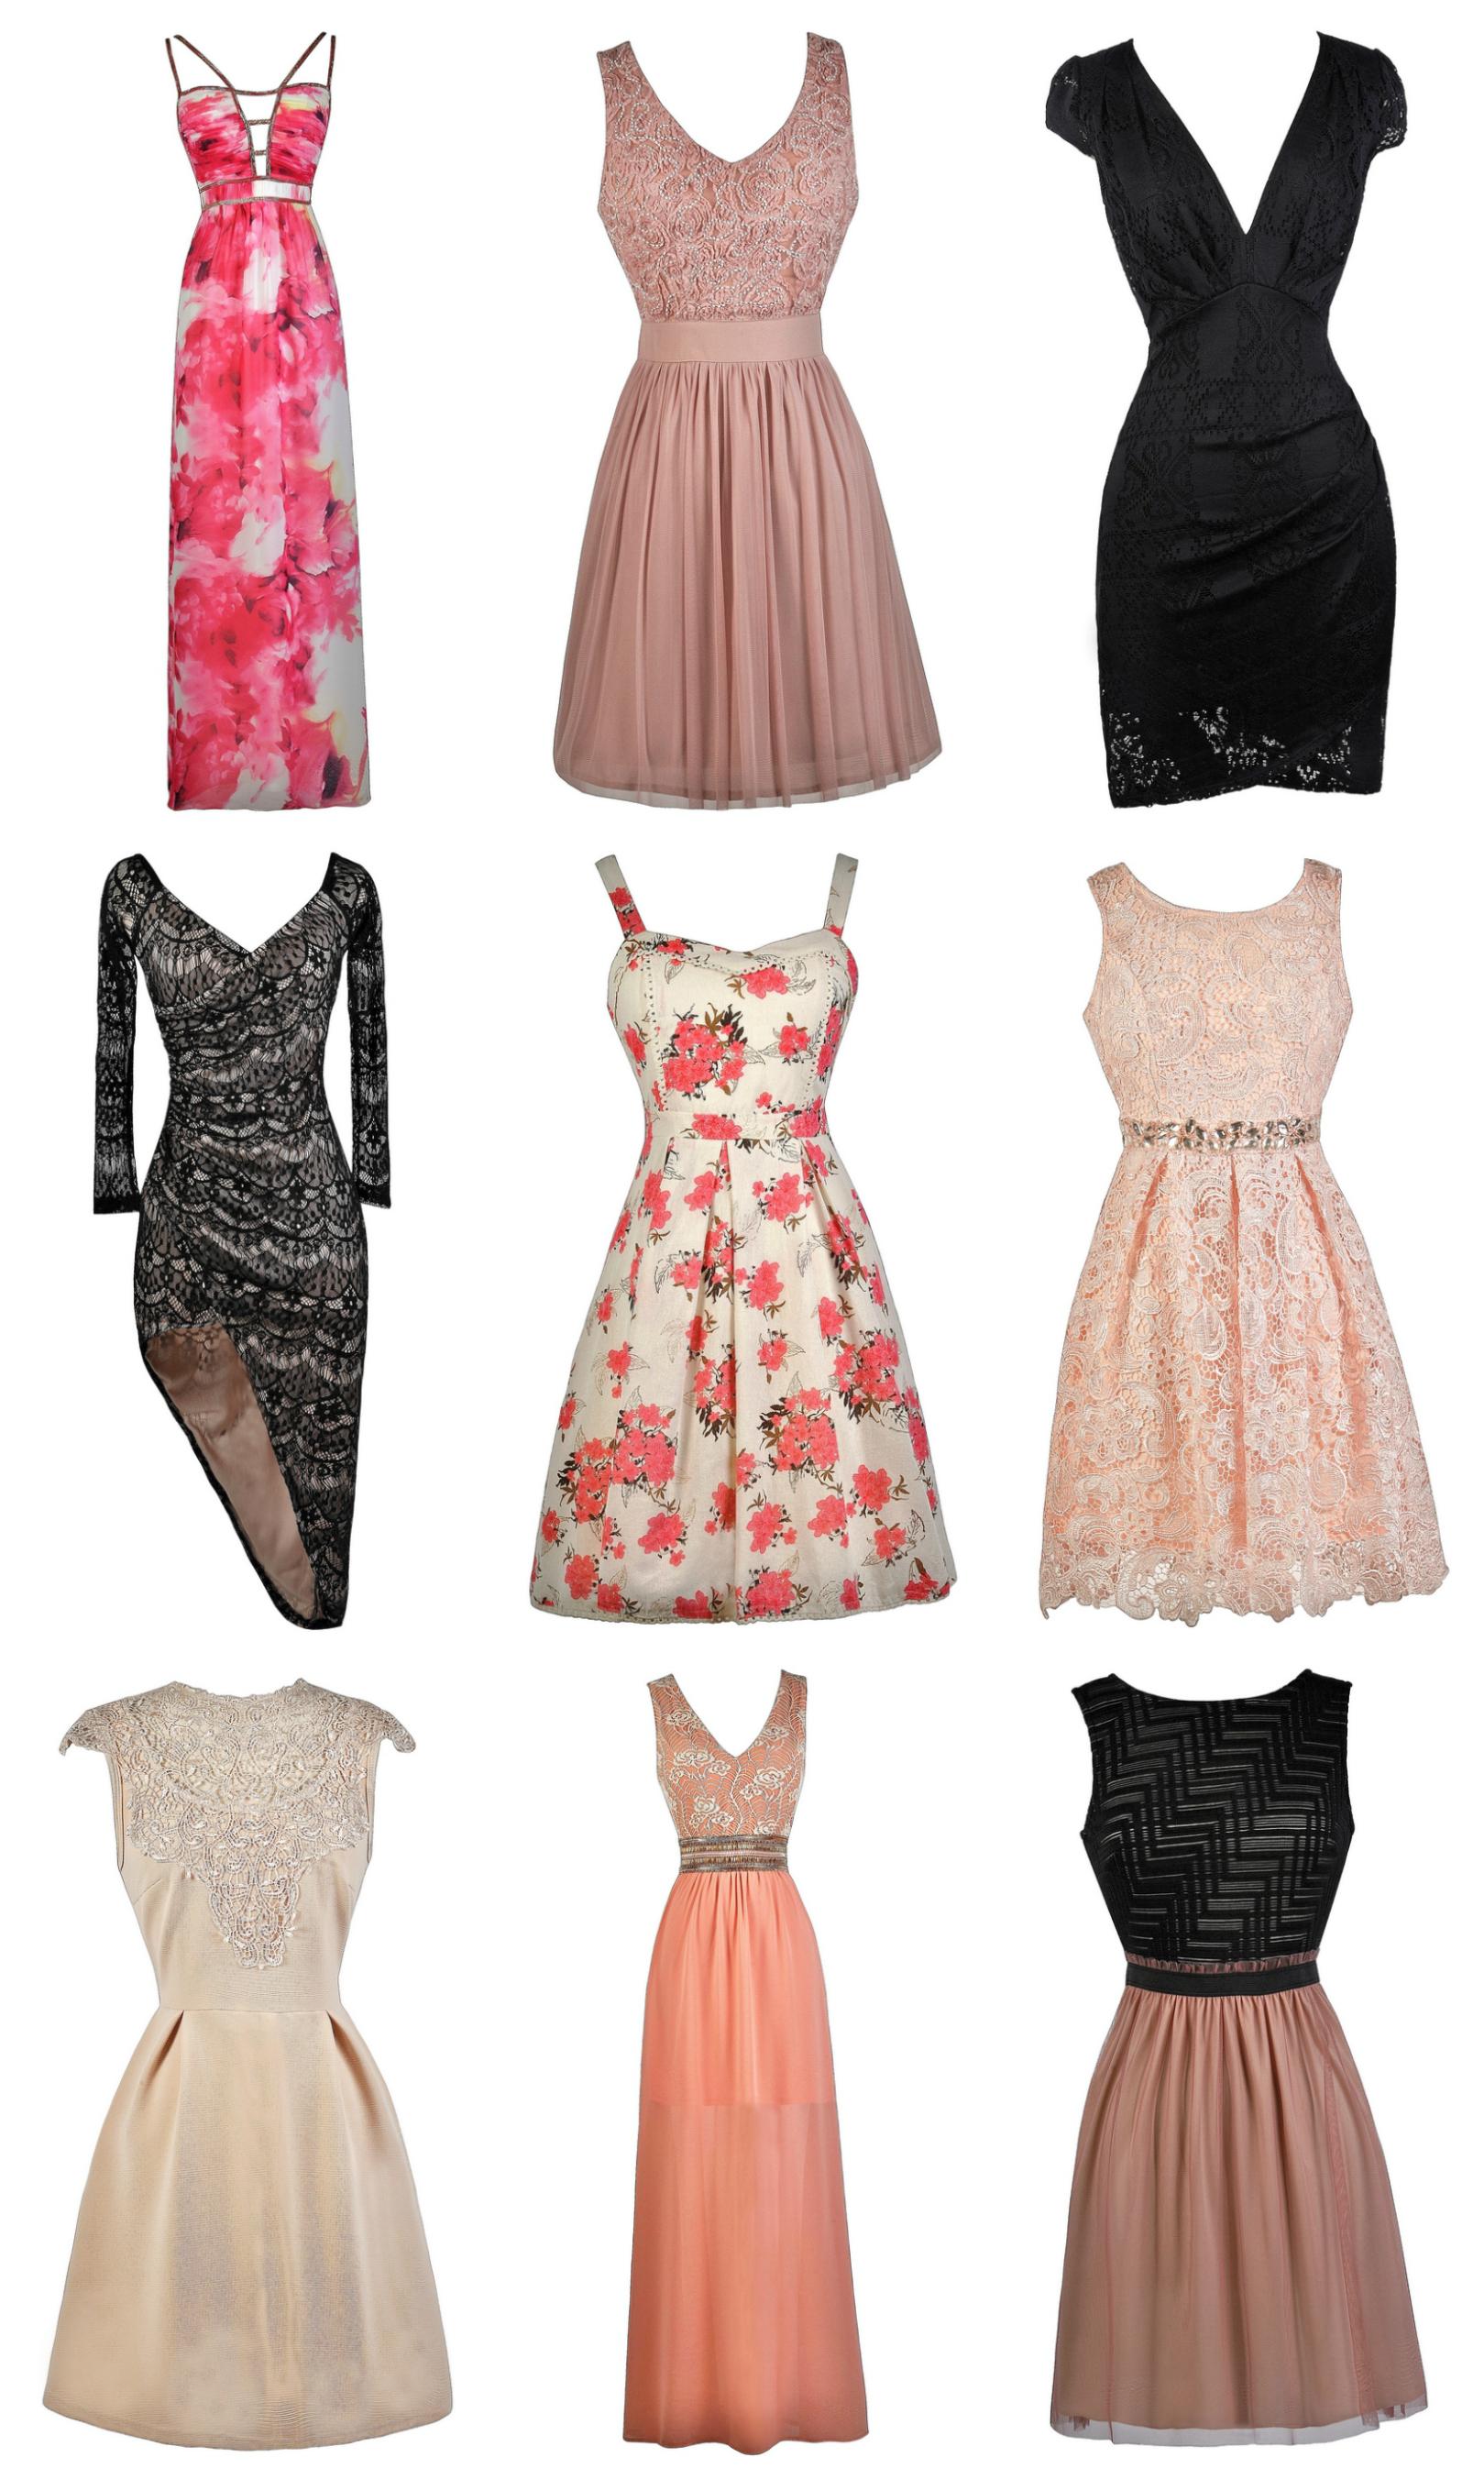 Top Teen Clothing Websites